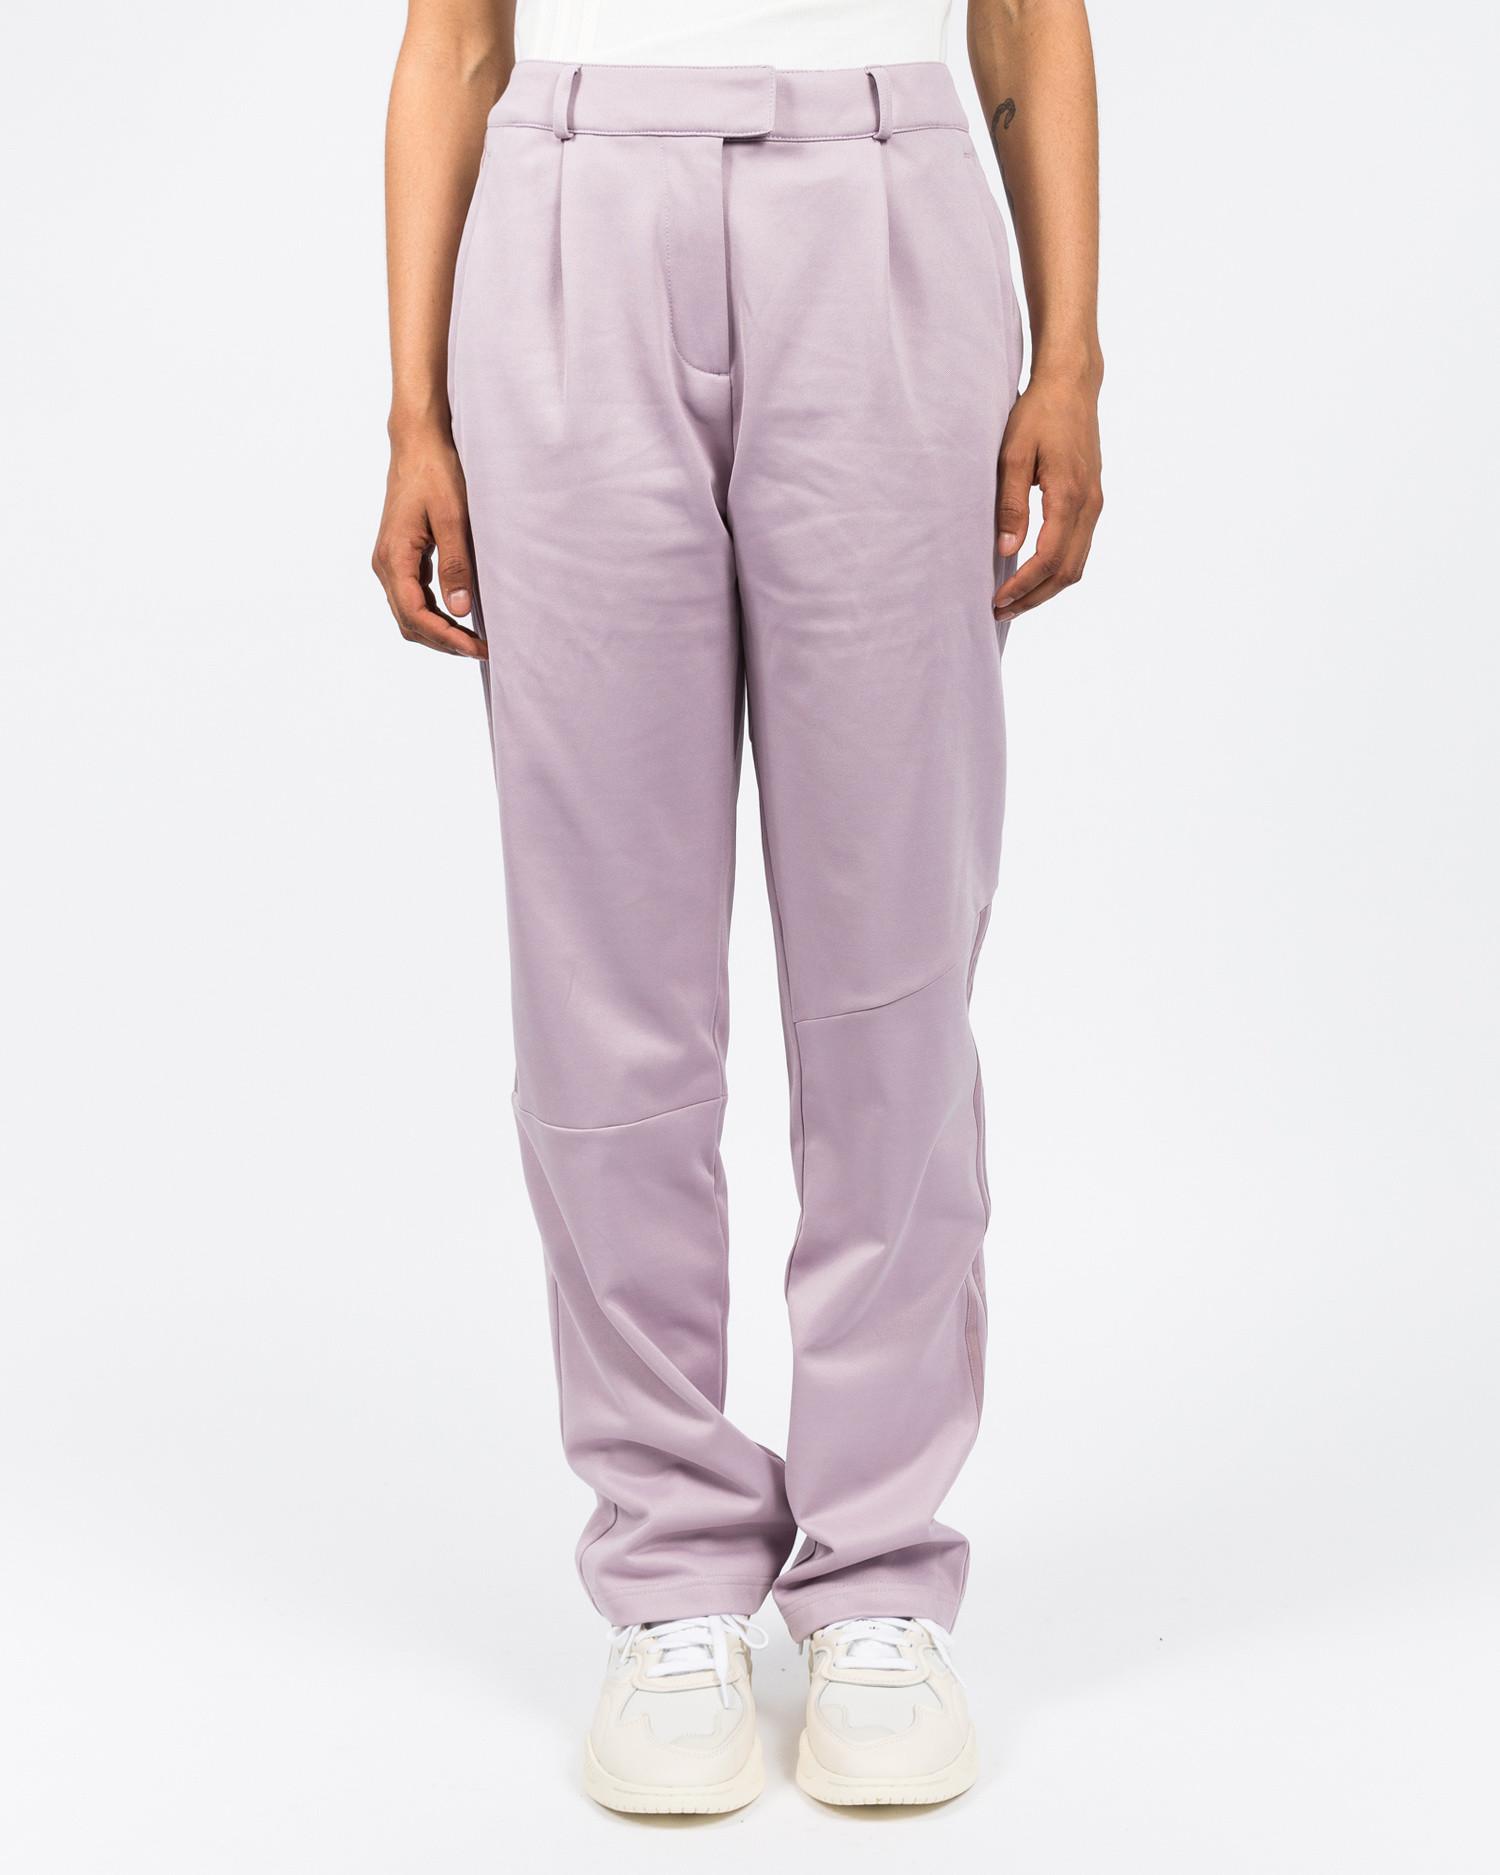 Adidas DaniÌÇlle Cathari Trousers Soft Vision